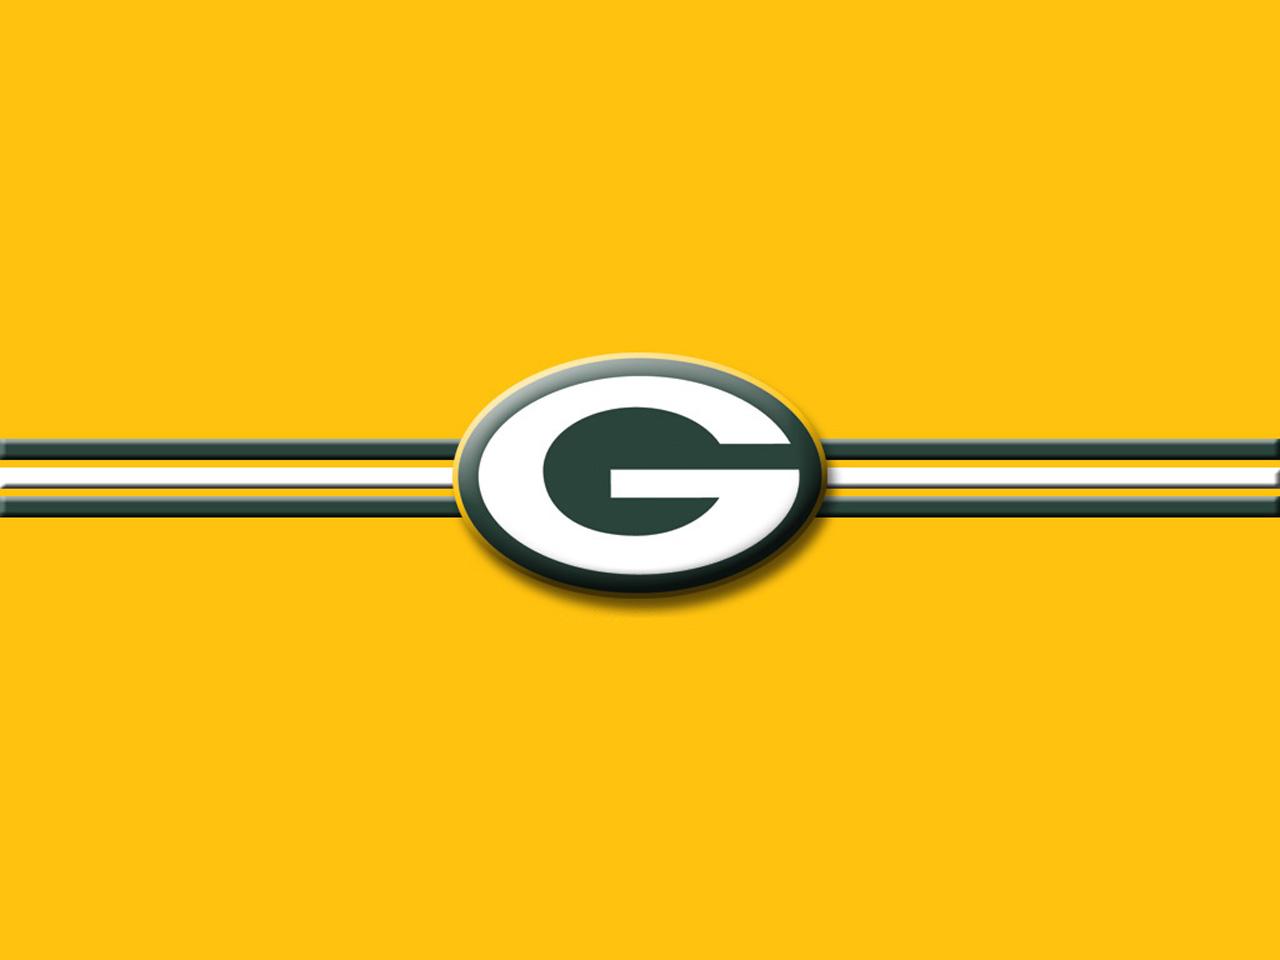 Green Bay Packer Logo Clip Art - ClipArt Best